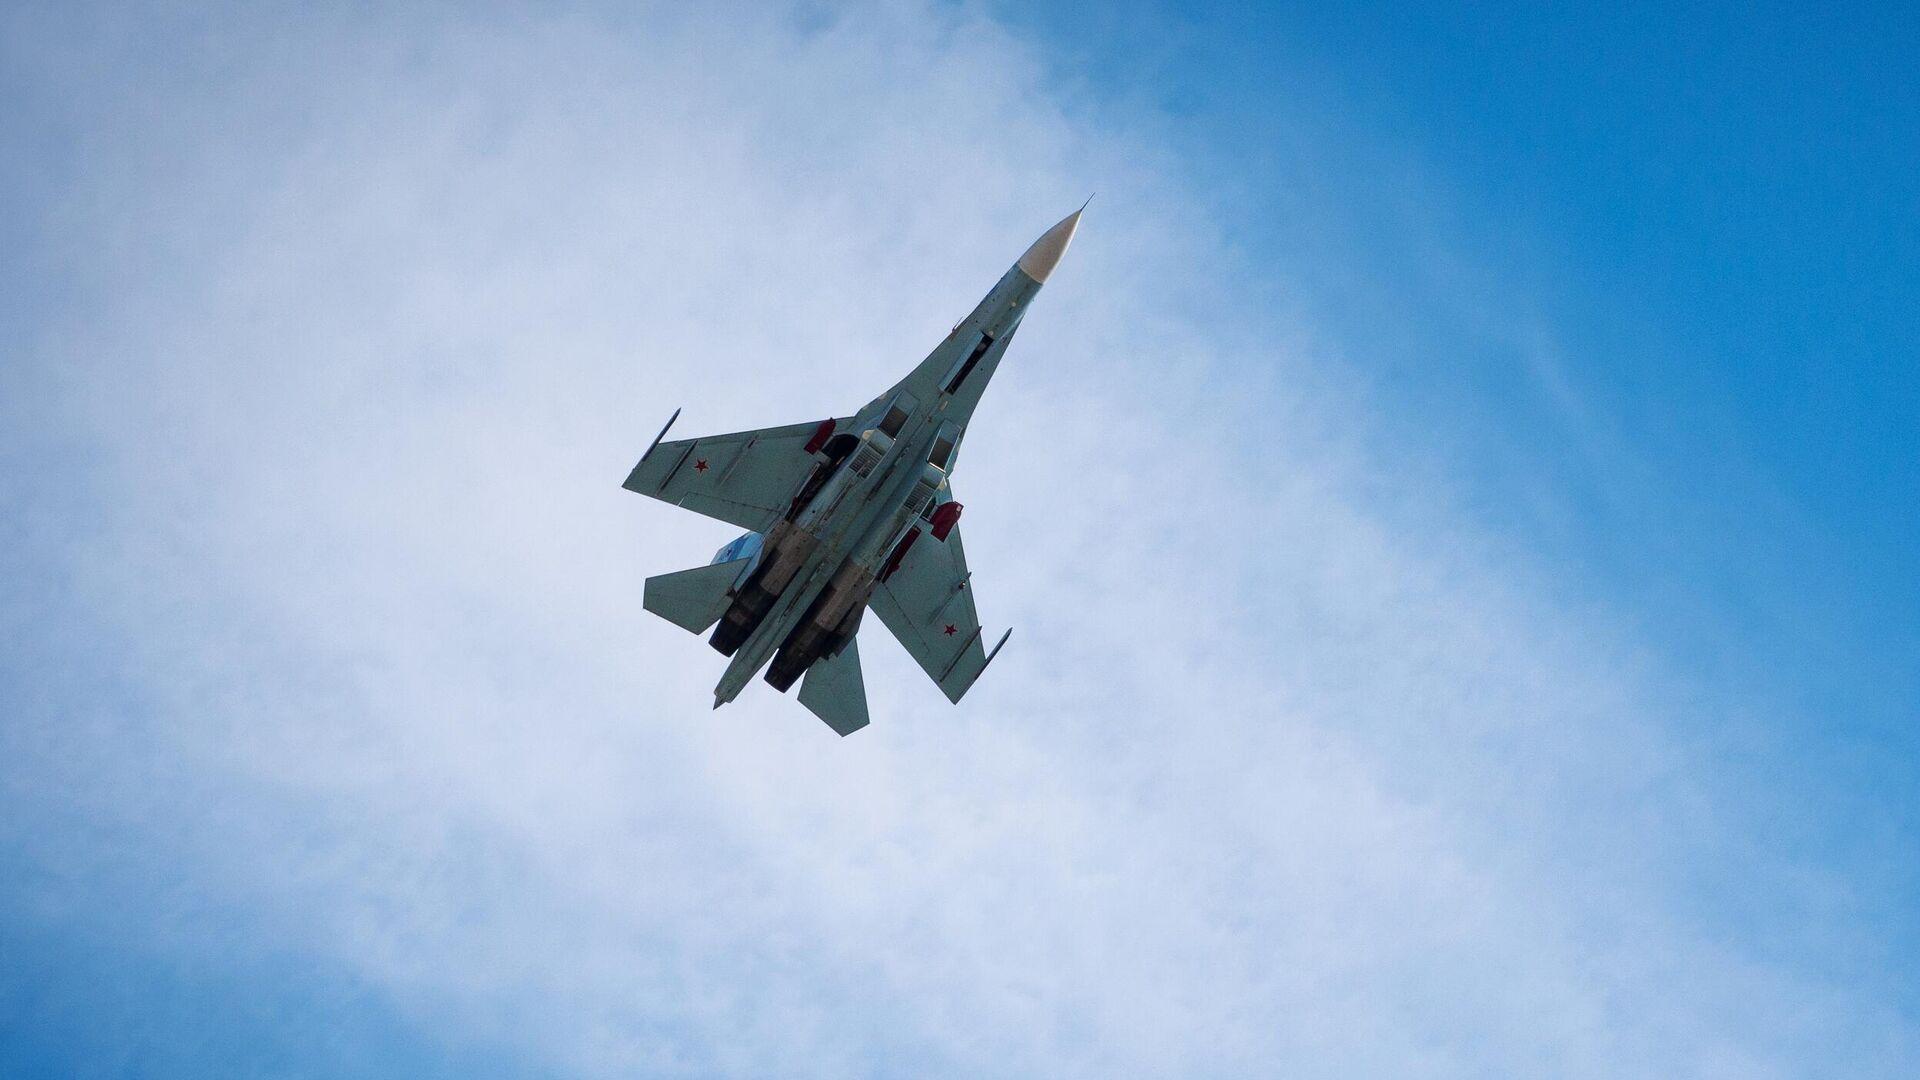 Многоцелевой истребитель Су-27  - РИА Новости, 1920, 28.09.2020